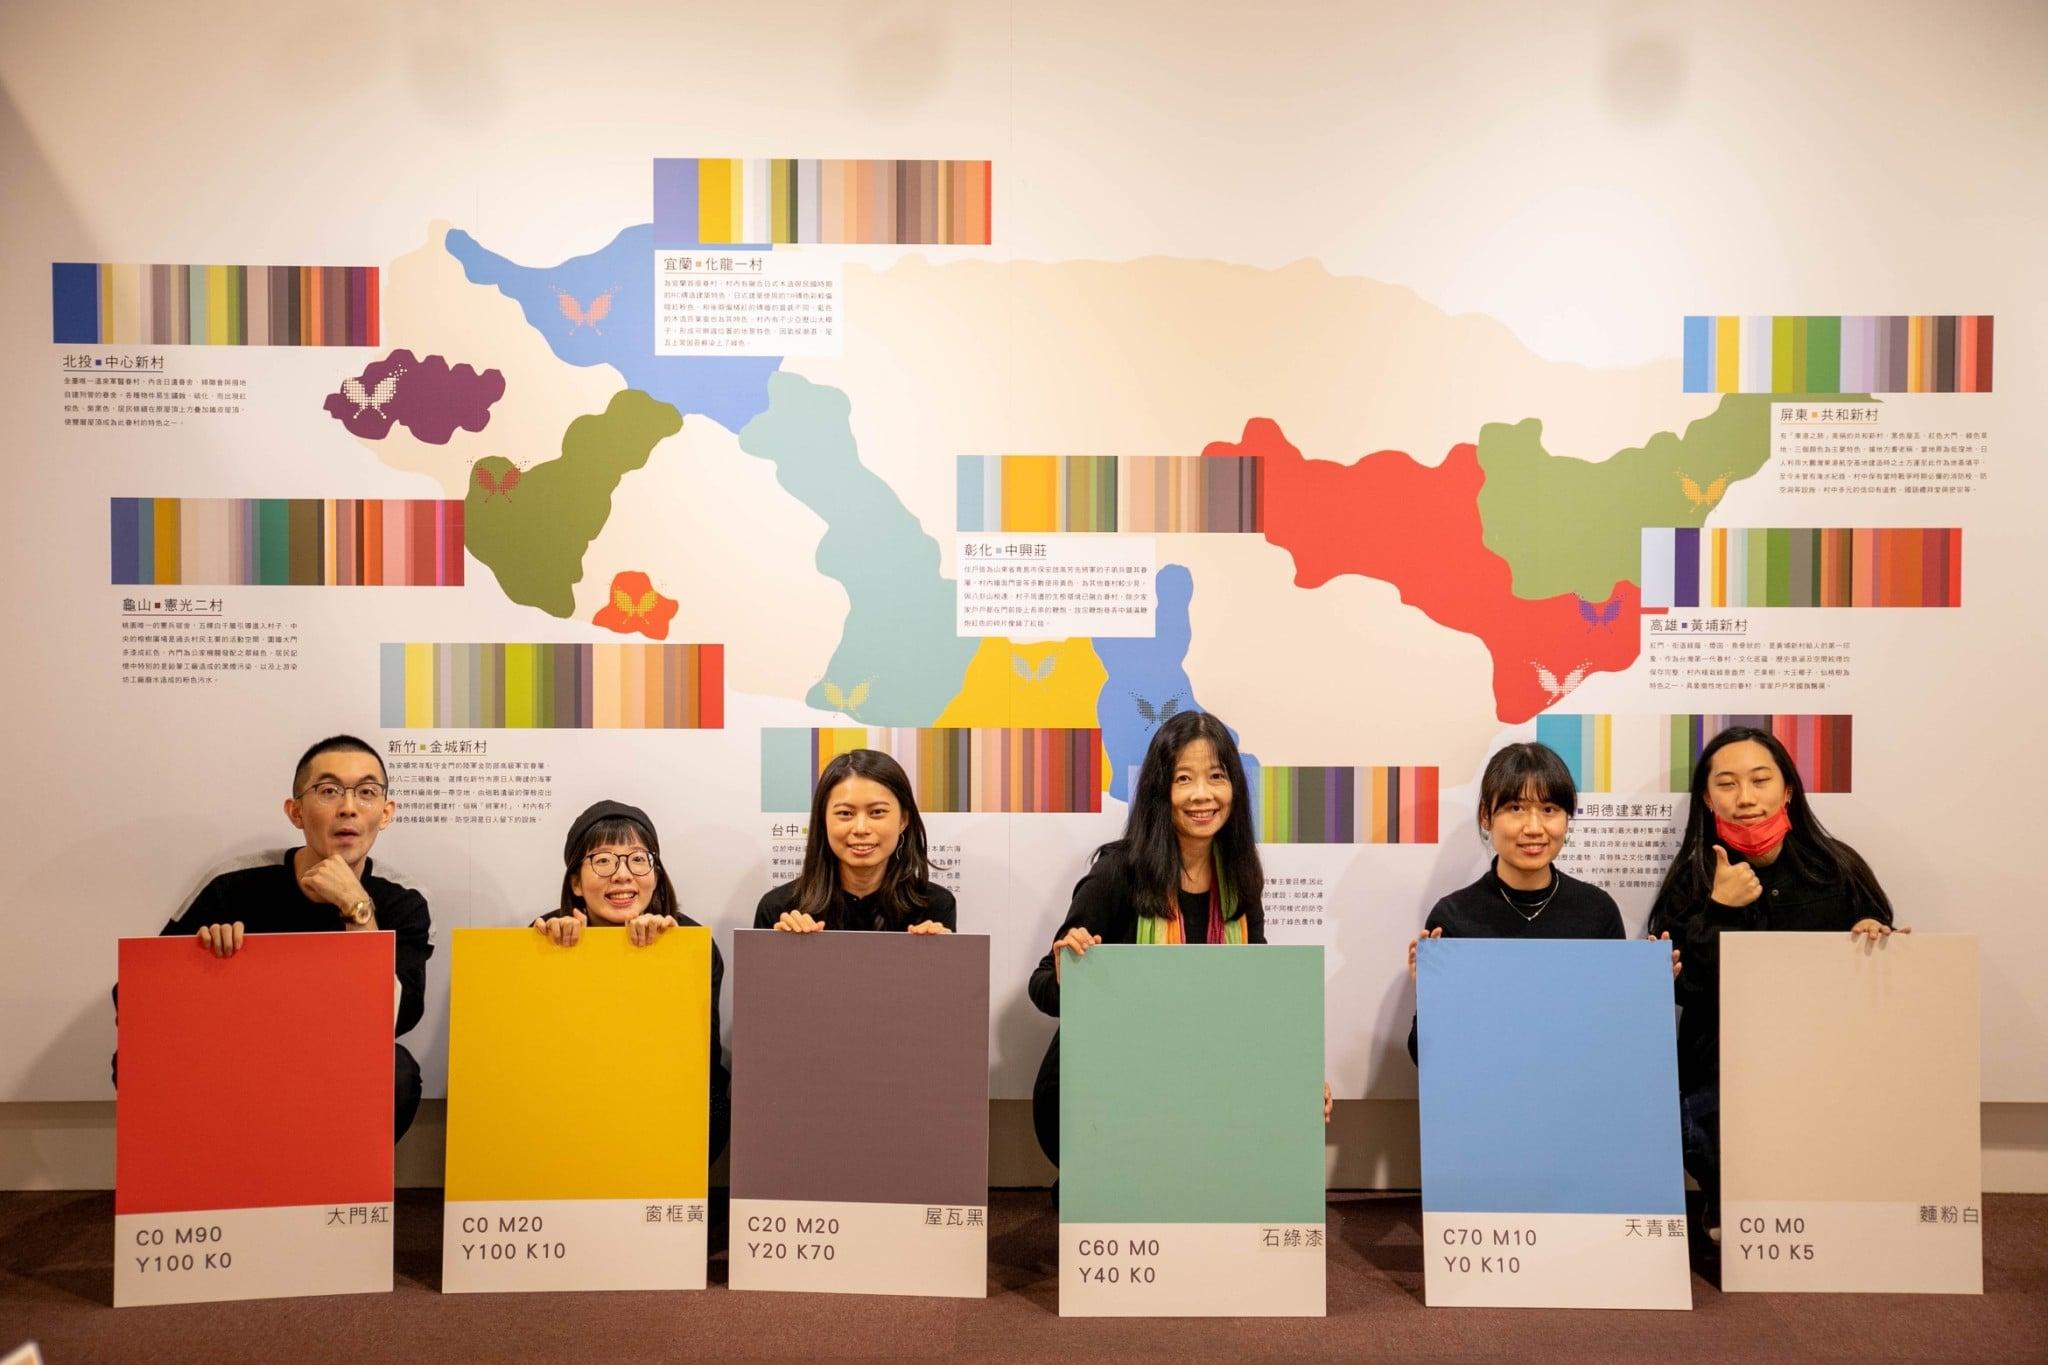 中原師生為眷村保存文化特色 全國首創「大門紅、天青藍」呈現色彩記憶